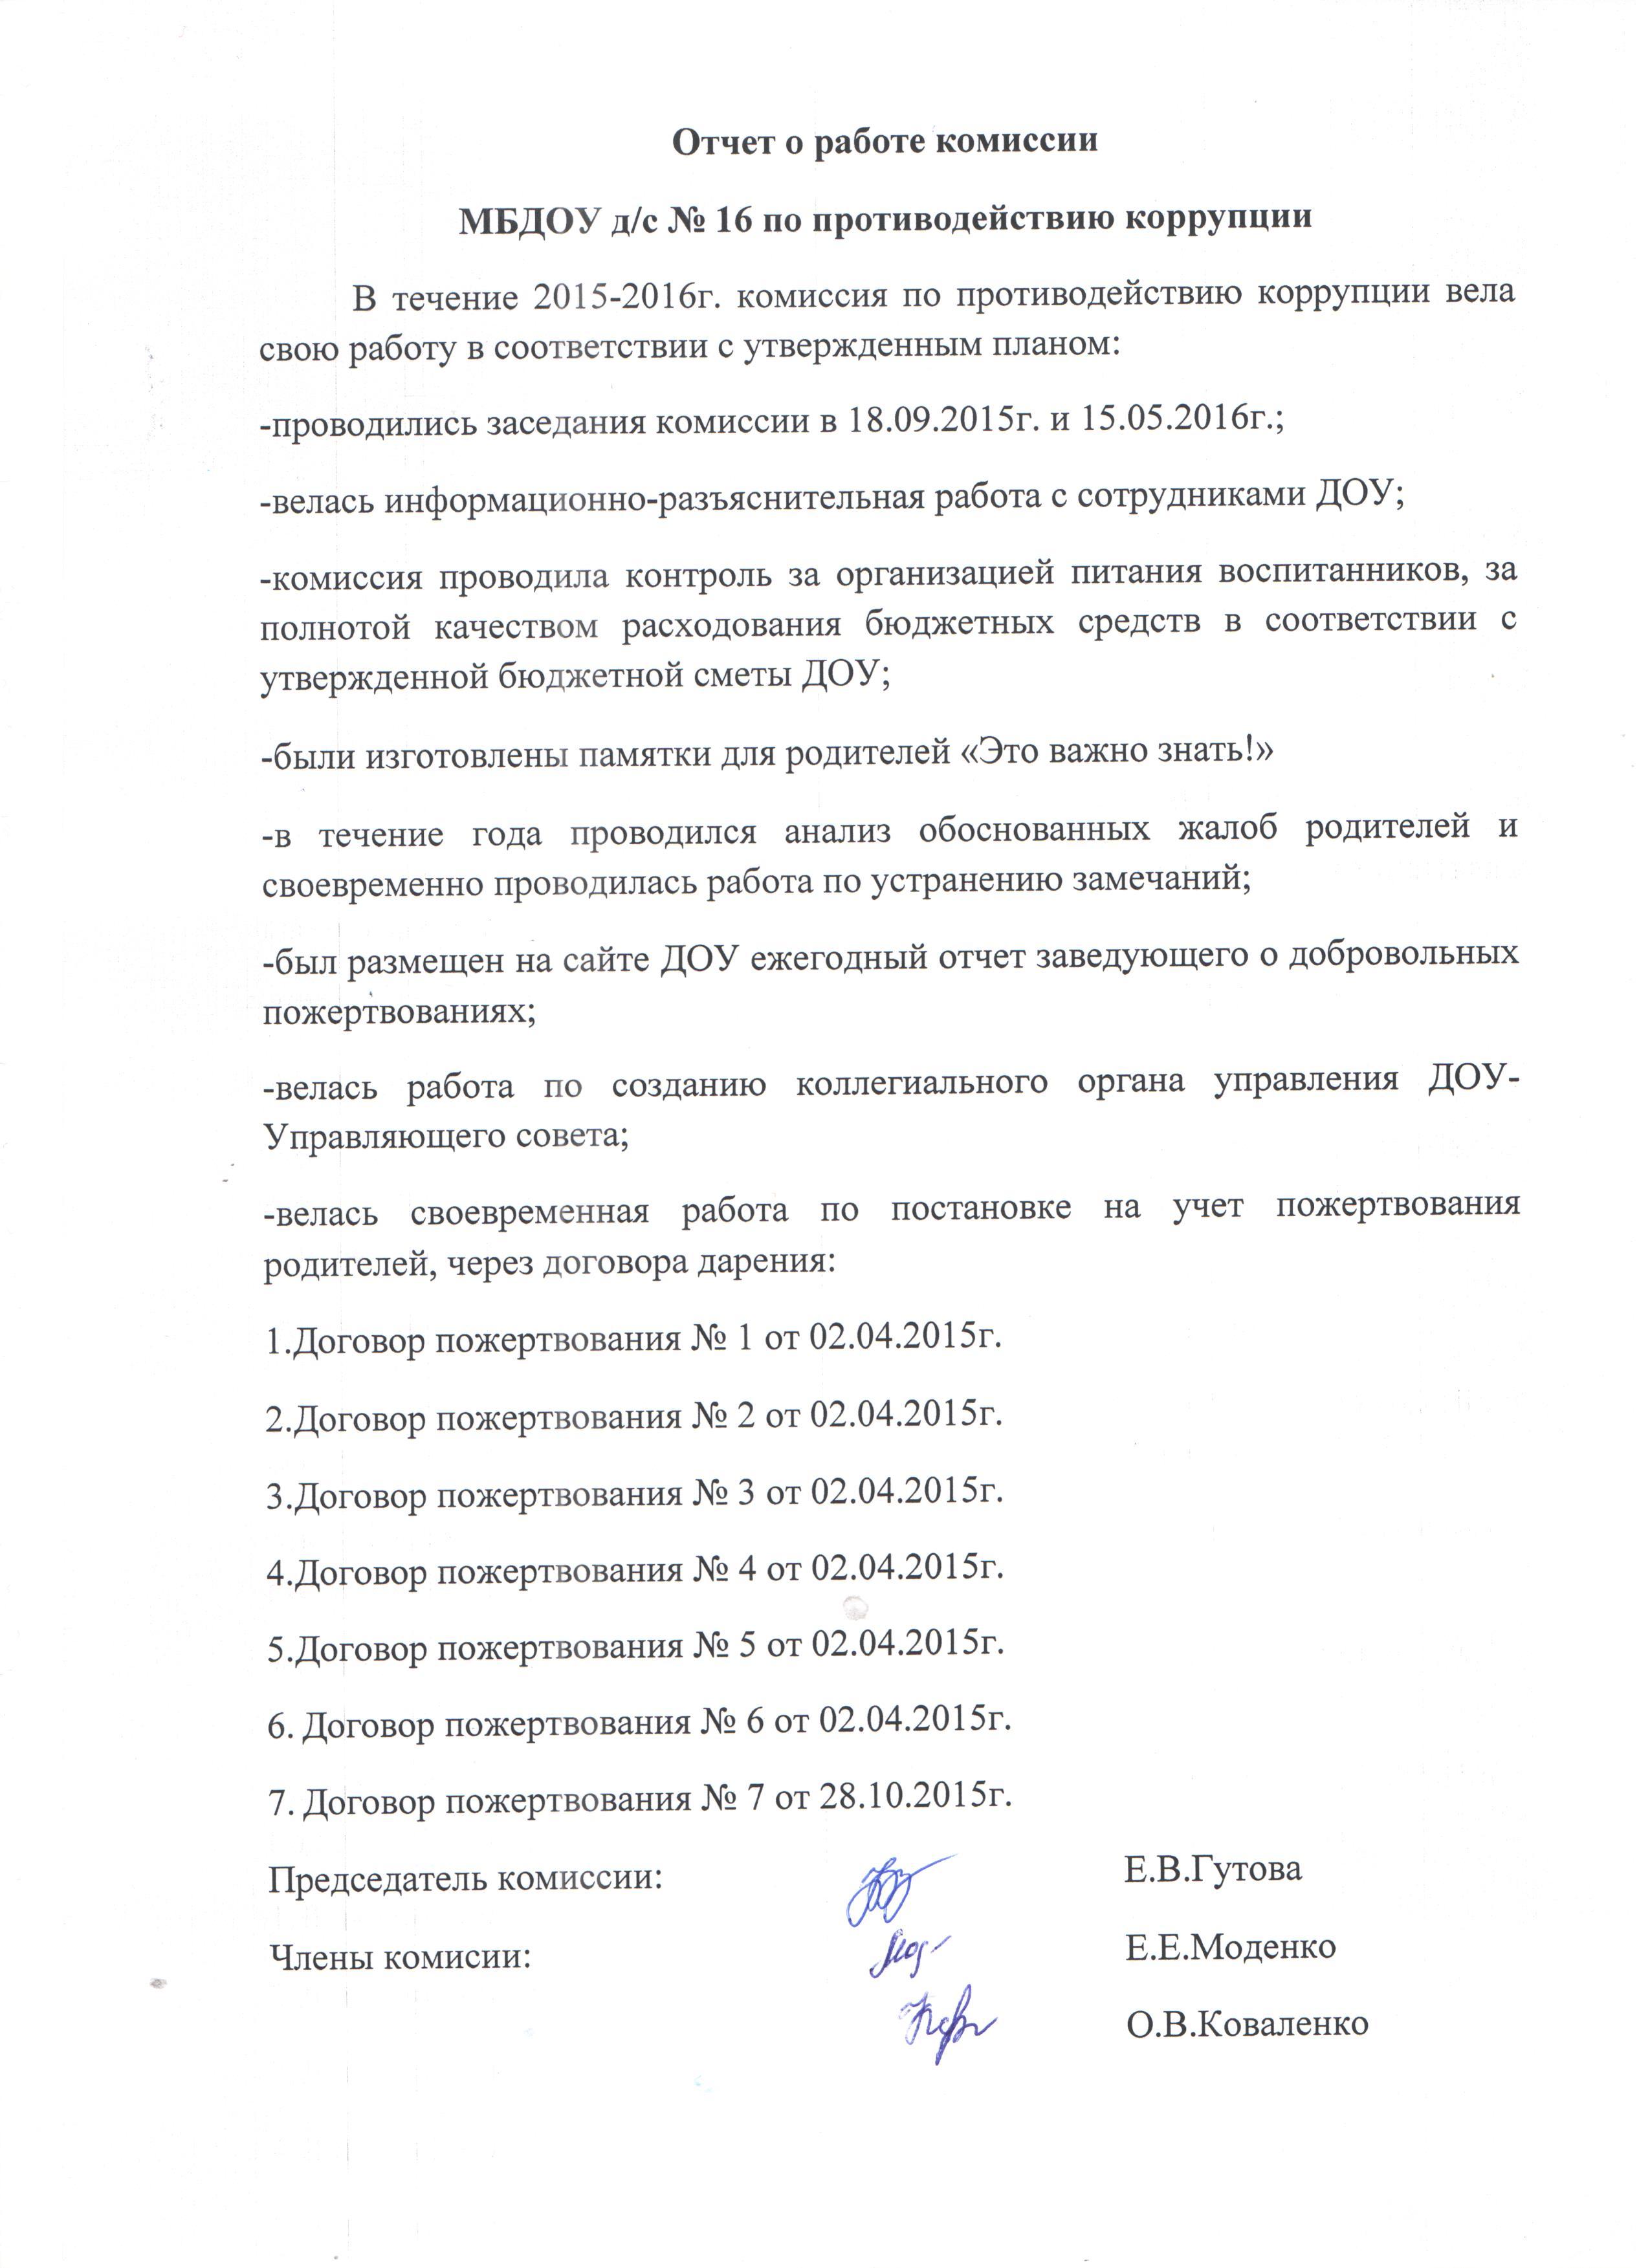 ОТЧЕТ о работе комиссии по противодействию коррупции в МБДОУ д/с № 16 за 2015-2016 год